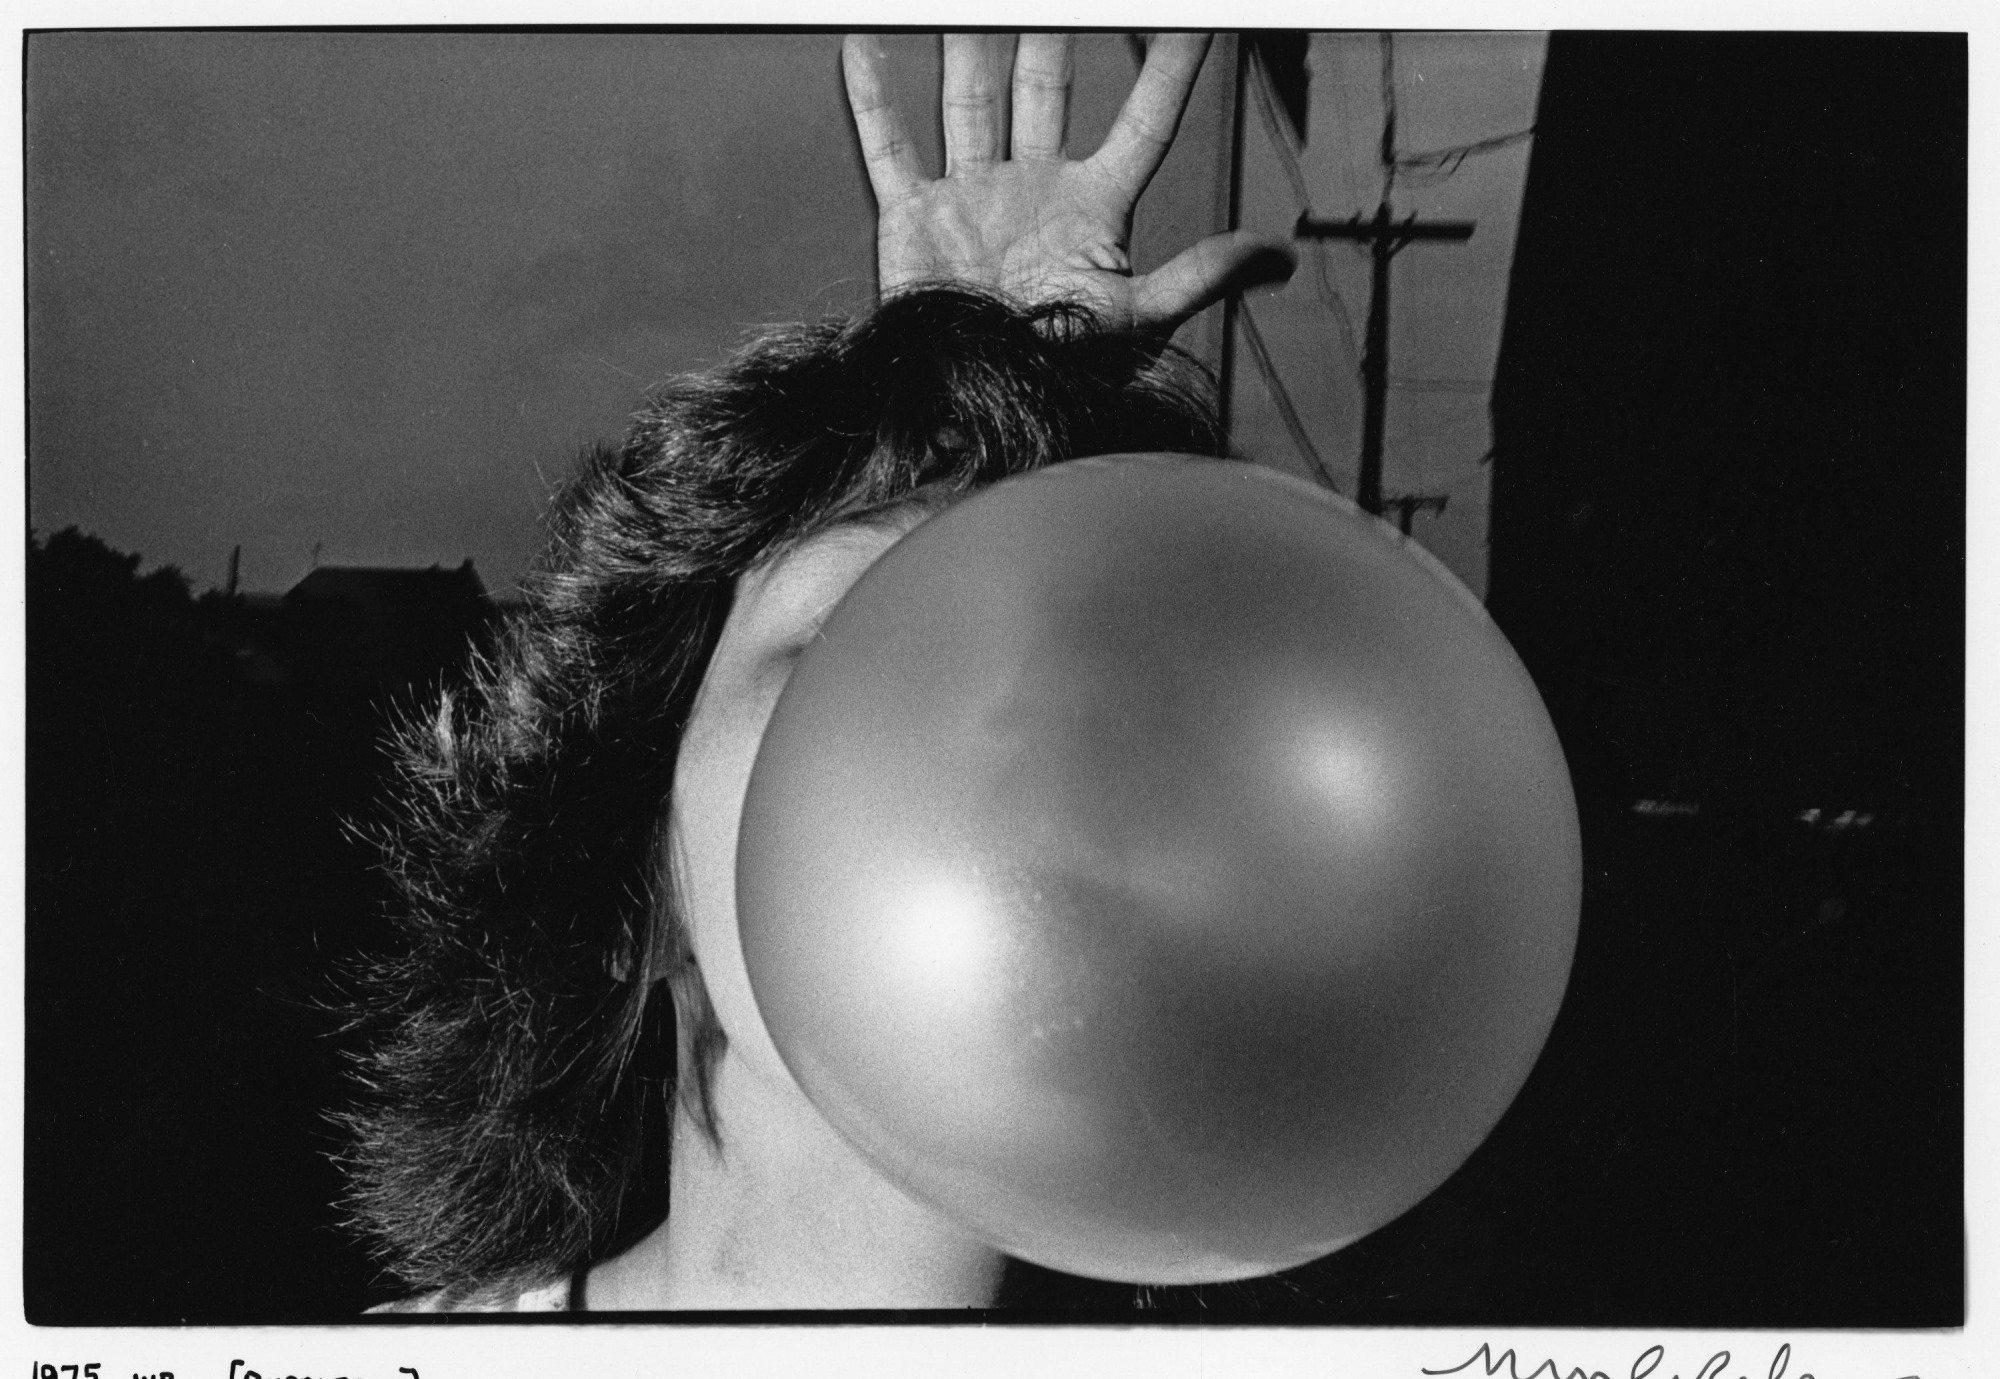 Bubblegum, 1975 (c) Mark Cohen